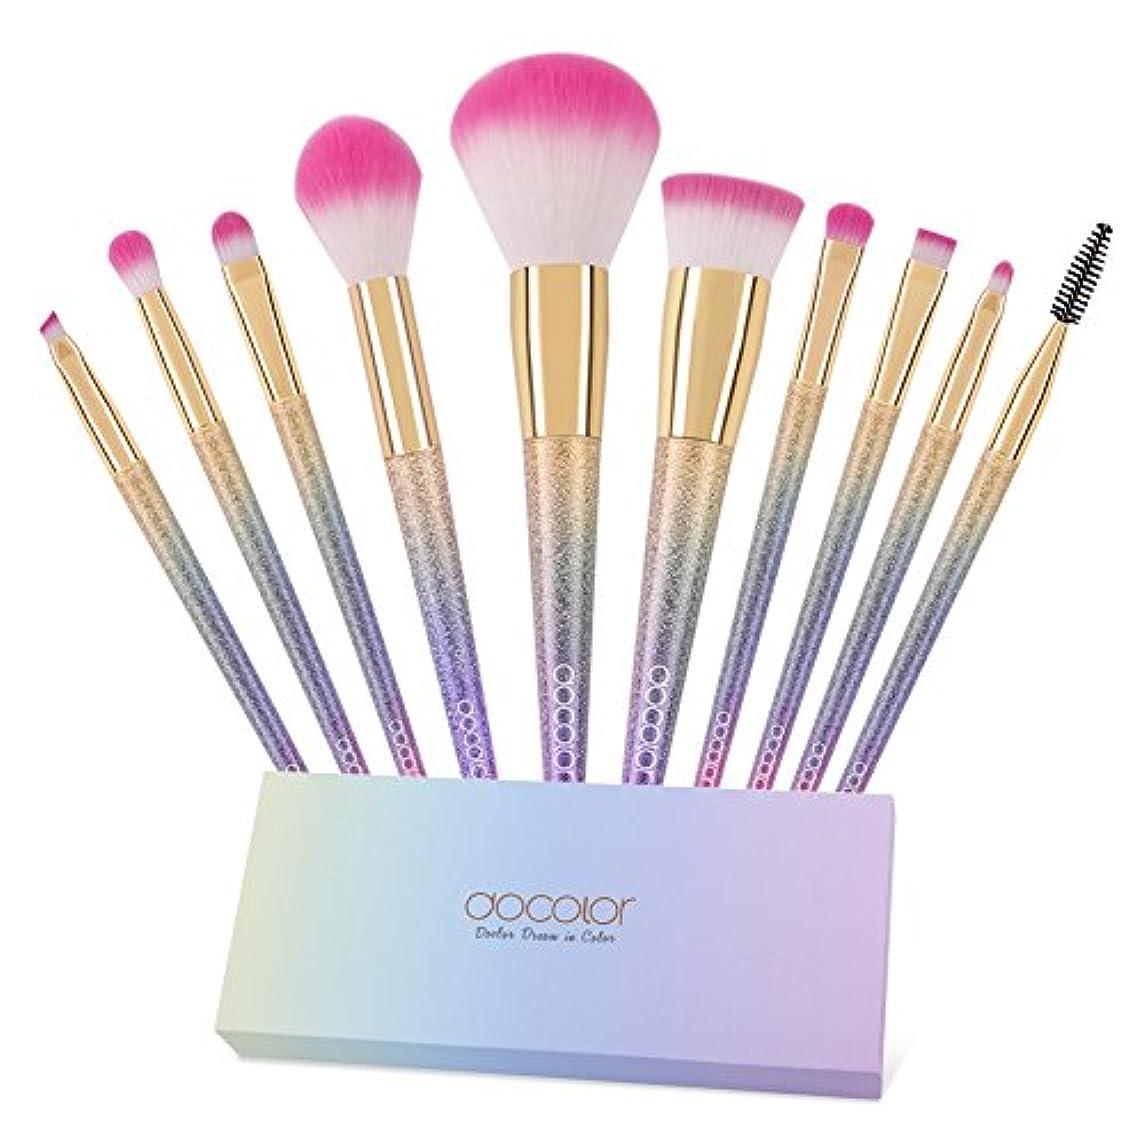 役立つ姓ラフレシアアルノルディドゥカラー Docolor 化粧筆 メイクブラシ 10本セット 欧米で話題のレインボーブラシ 同時発売で日本に登場